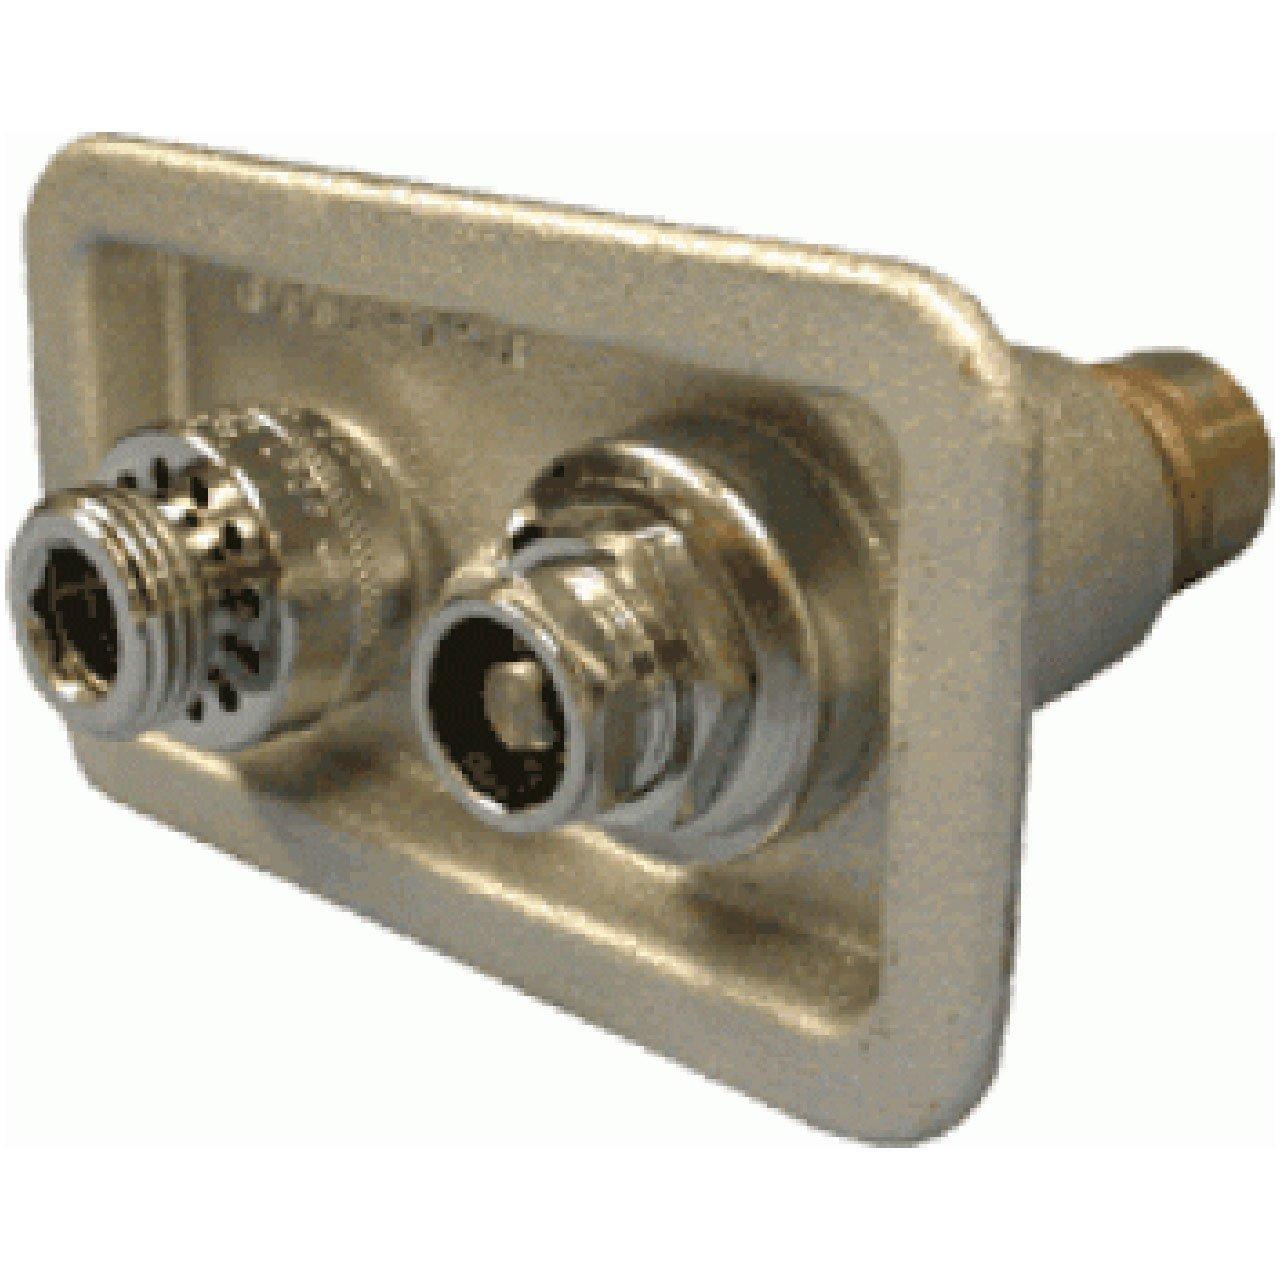 Woodford 74bx-k 74, 75, 76, 79, hộp khóa thành phần Chromium